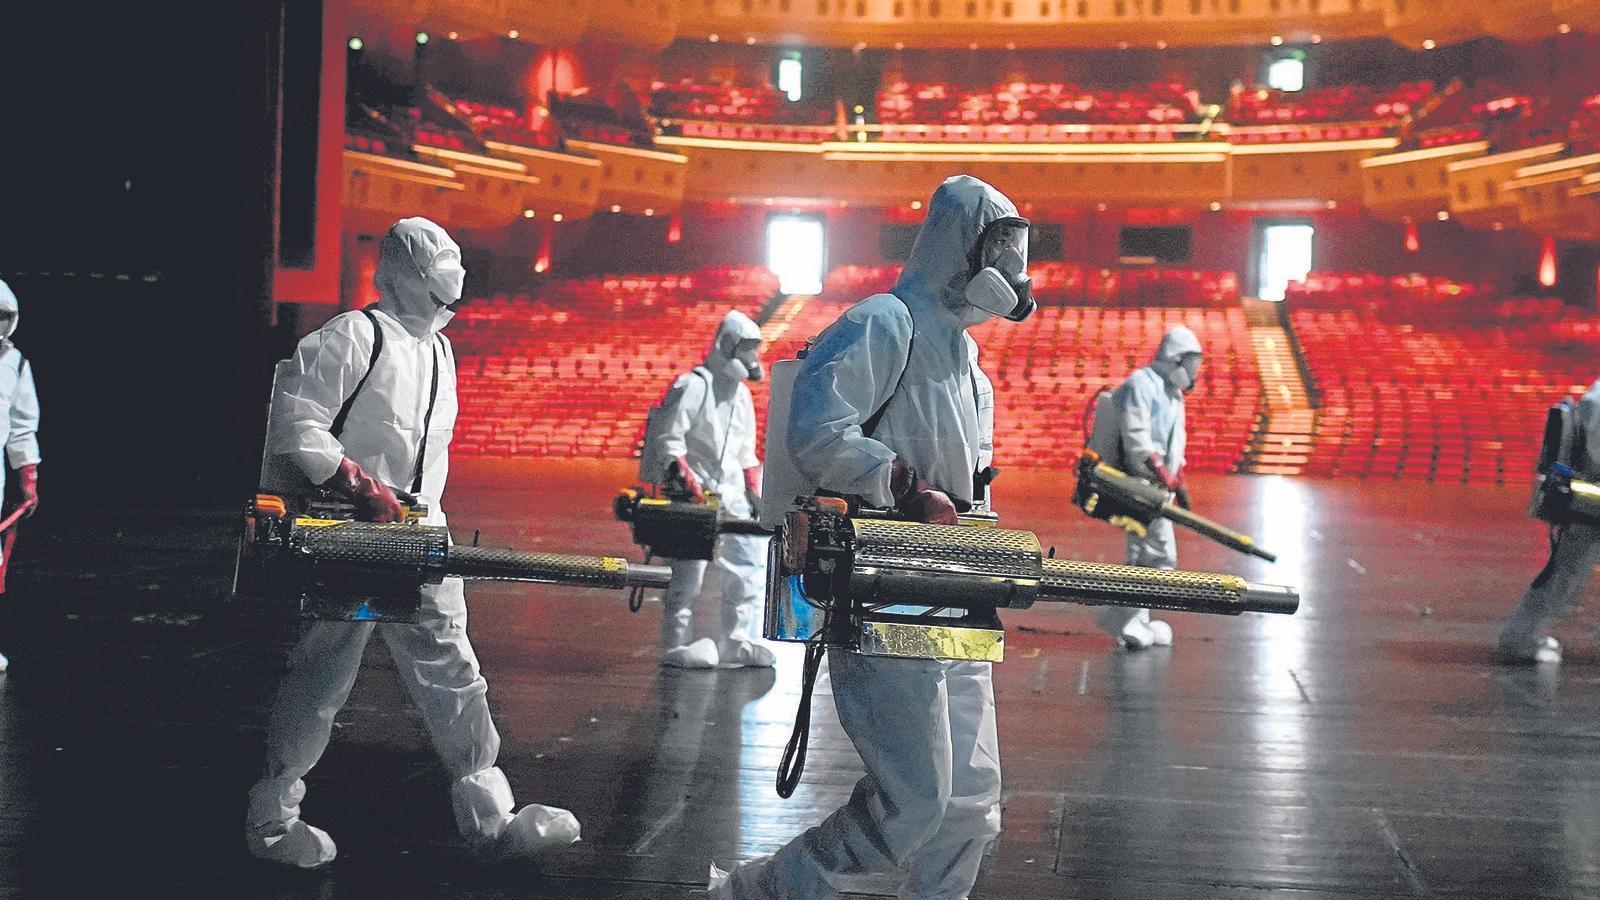 Voluntaris desinfectant el Gran Teatre Qintai de Wuhan (Xina), el 2 d'abril.